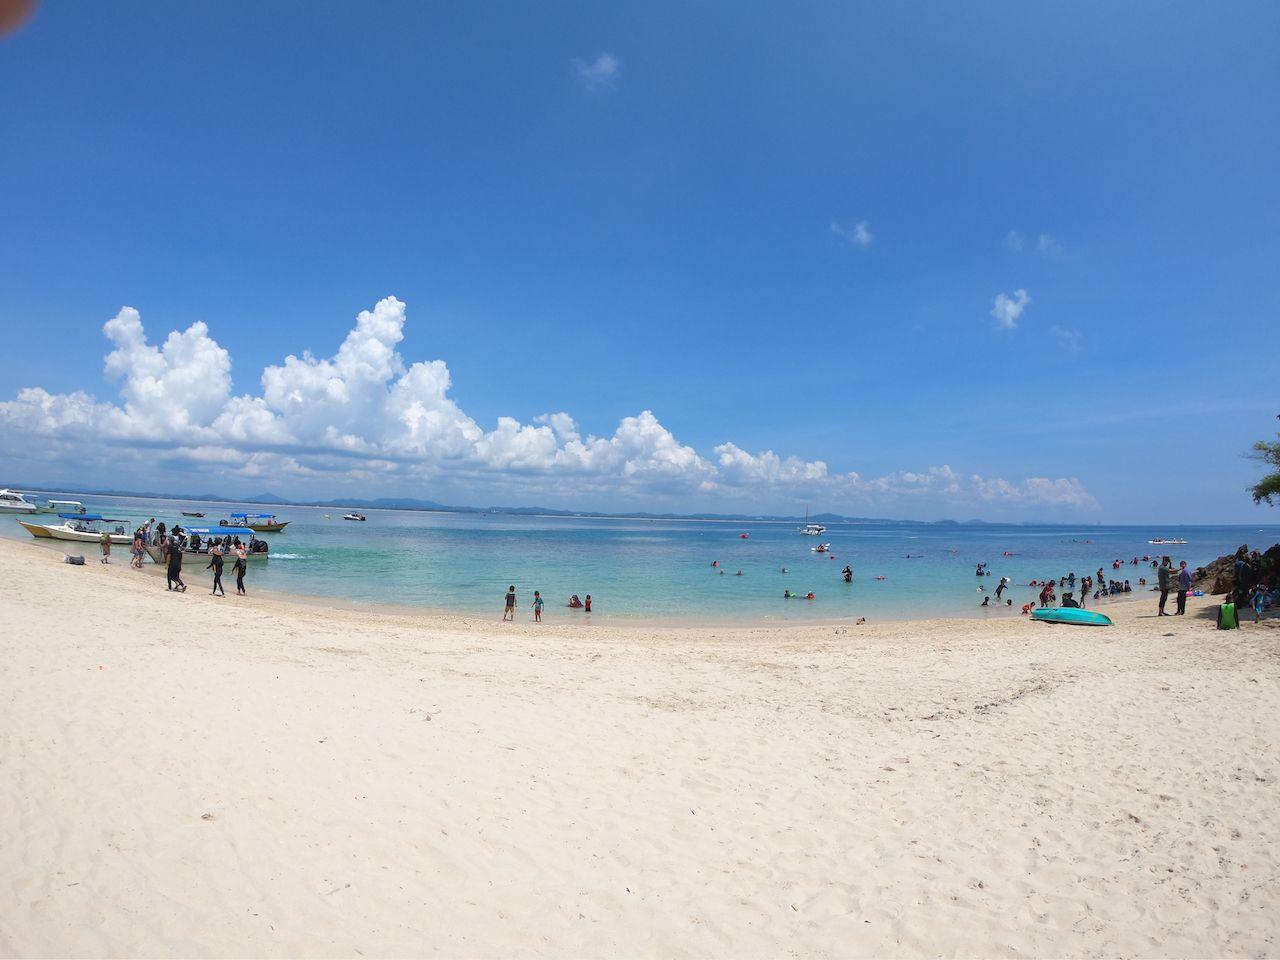 Beach in Malaysia